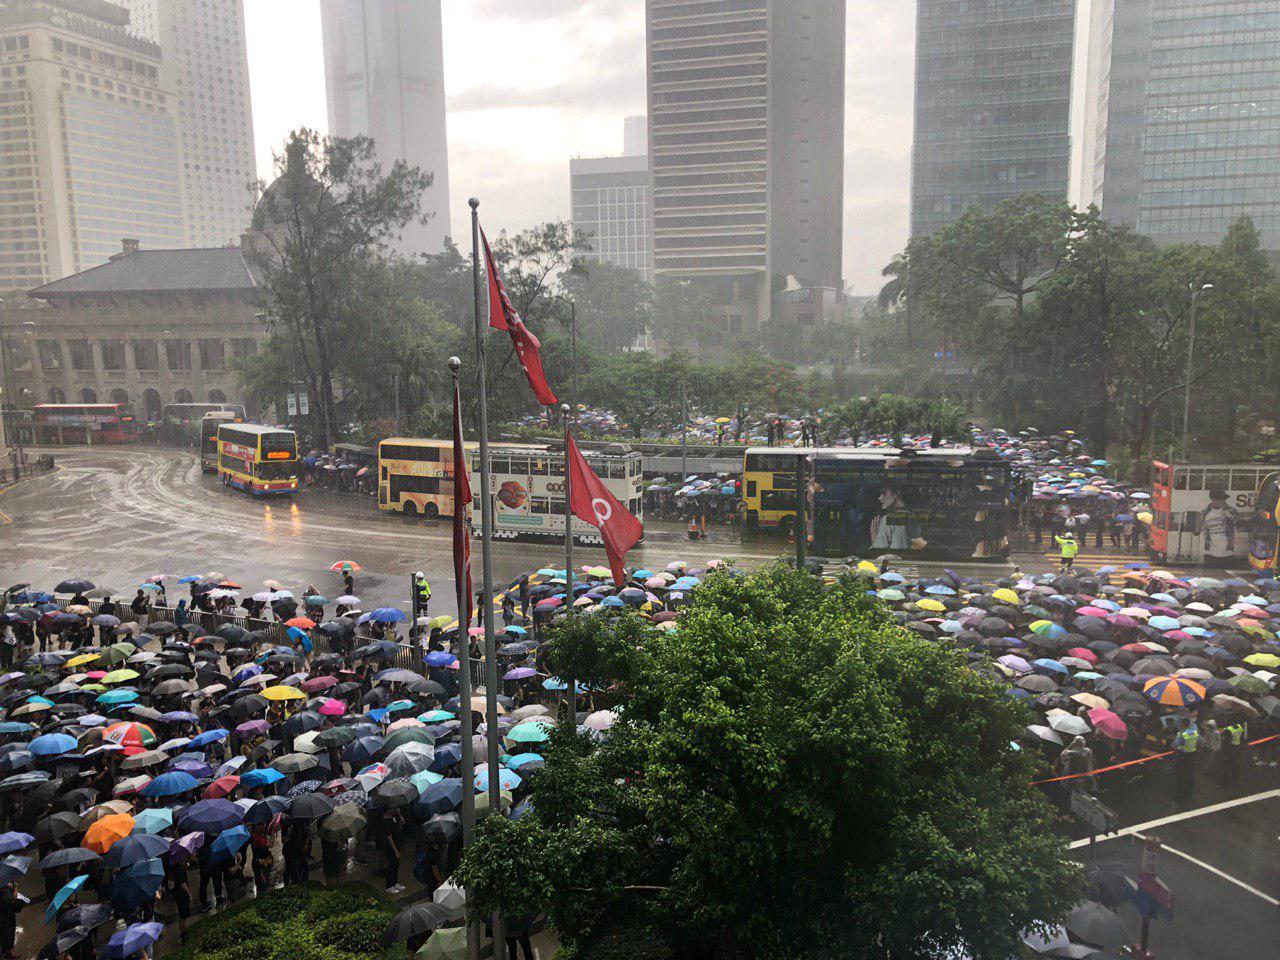 2019年8月17日,教育界「守護下一代 為良知發聲」的集會遊行,香港這麼大雨,也塞爆遮打花園。(梁珍/大紀元)